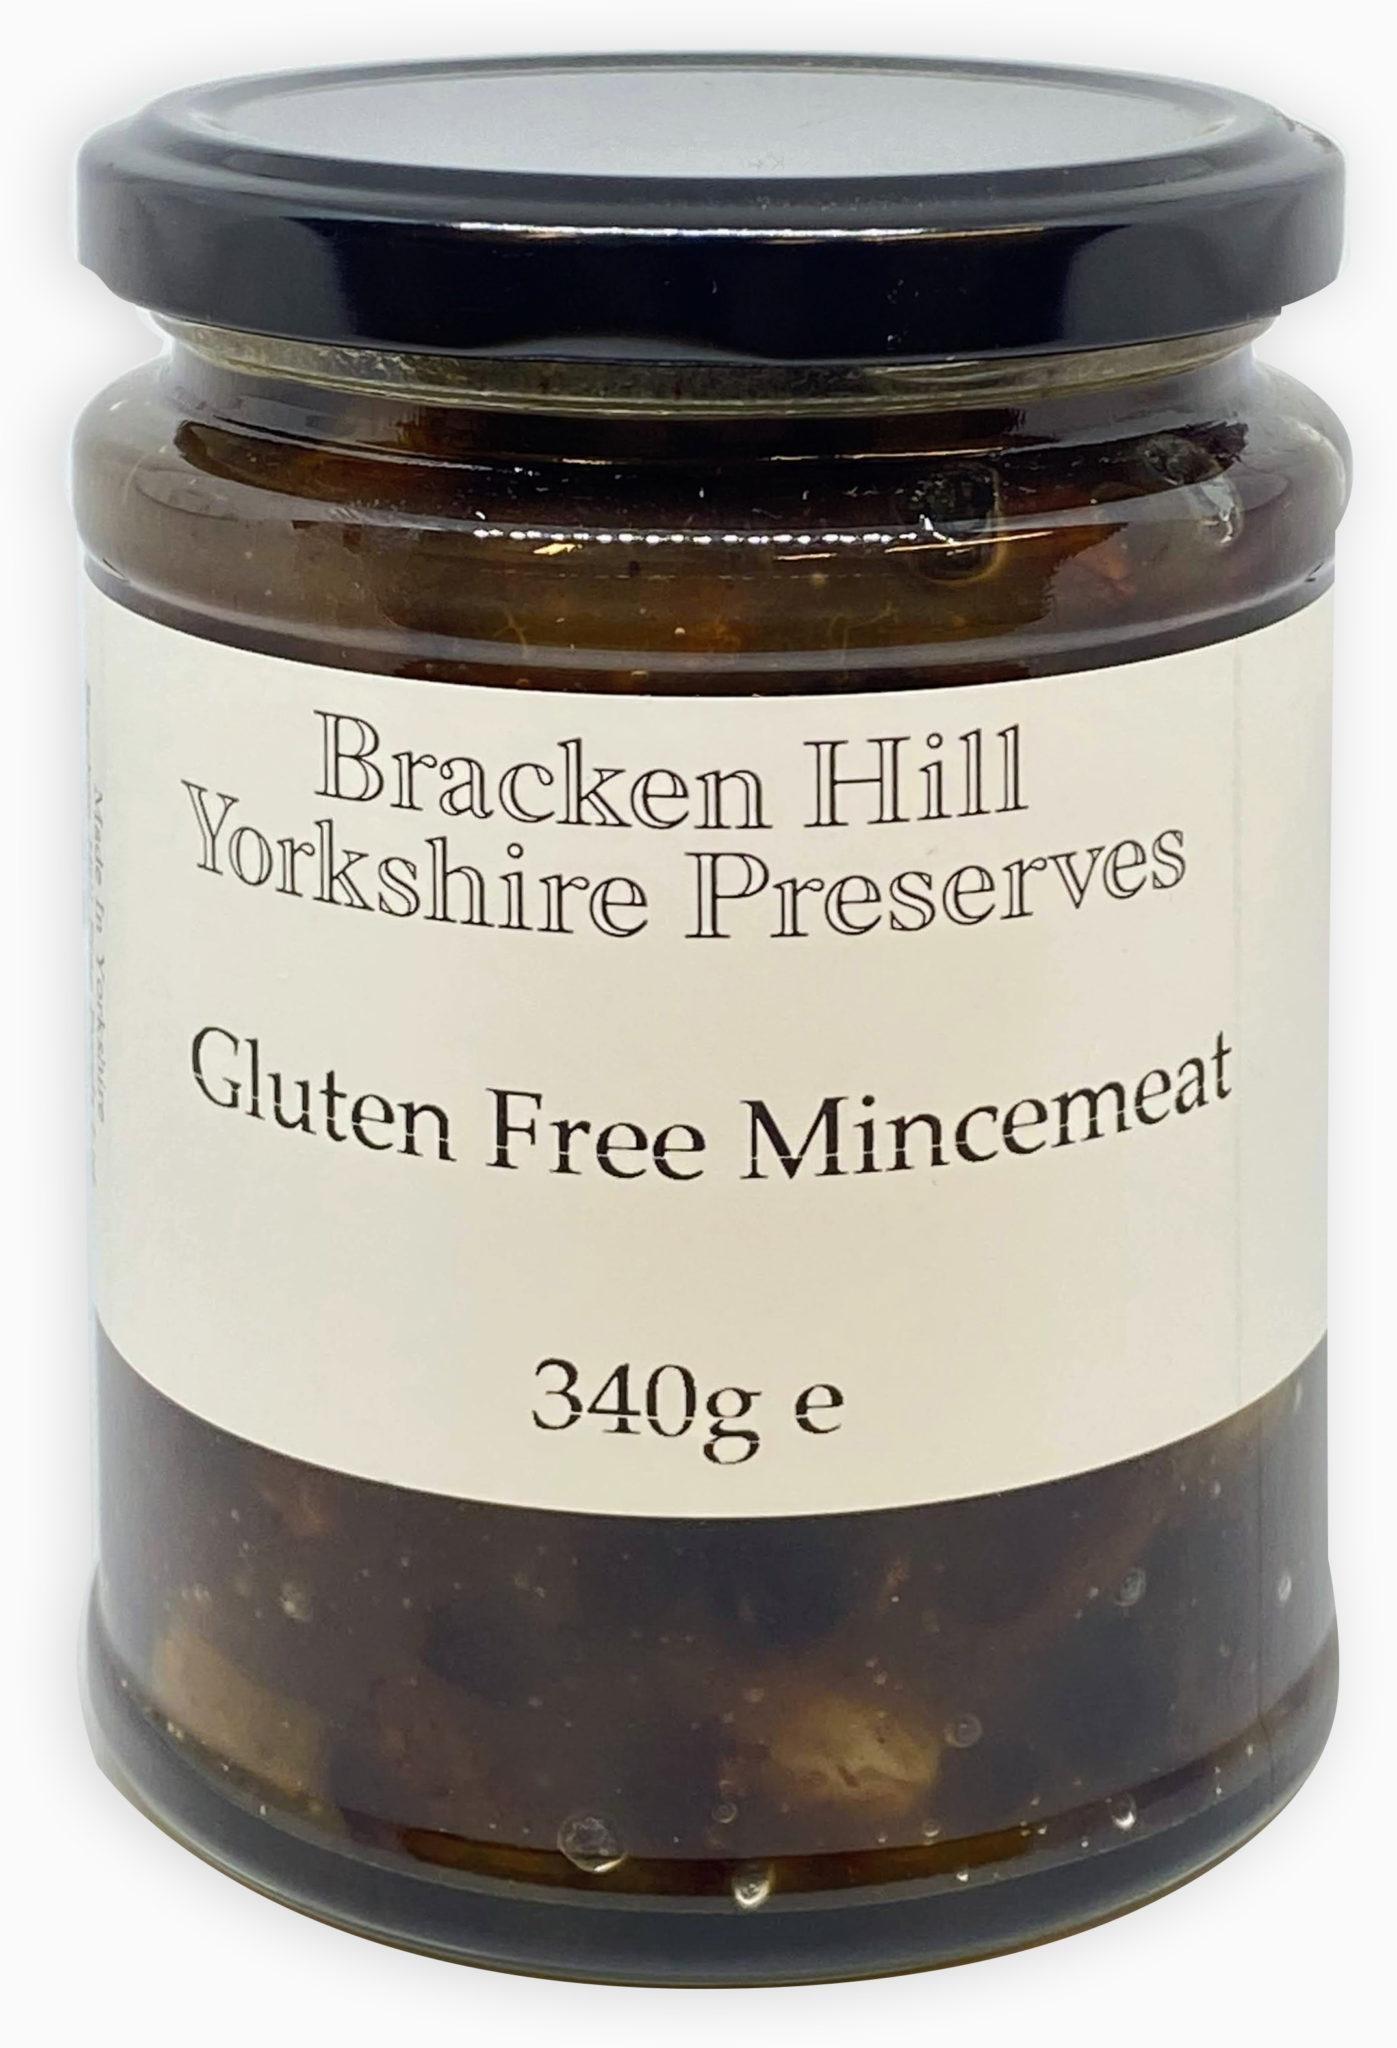 Gluten Free Mincemeat